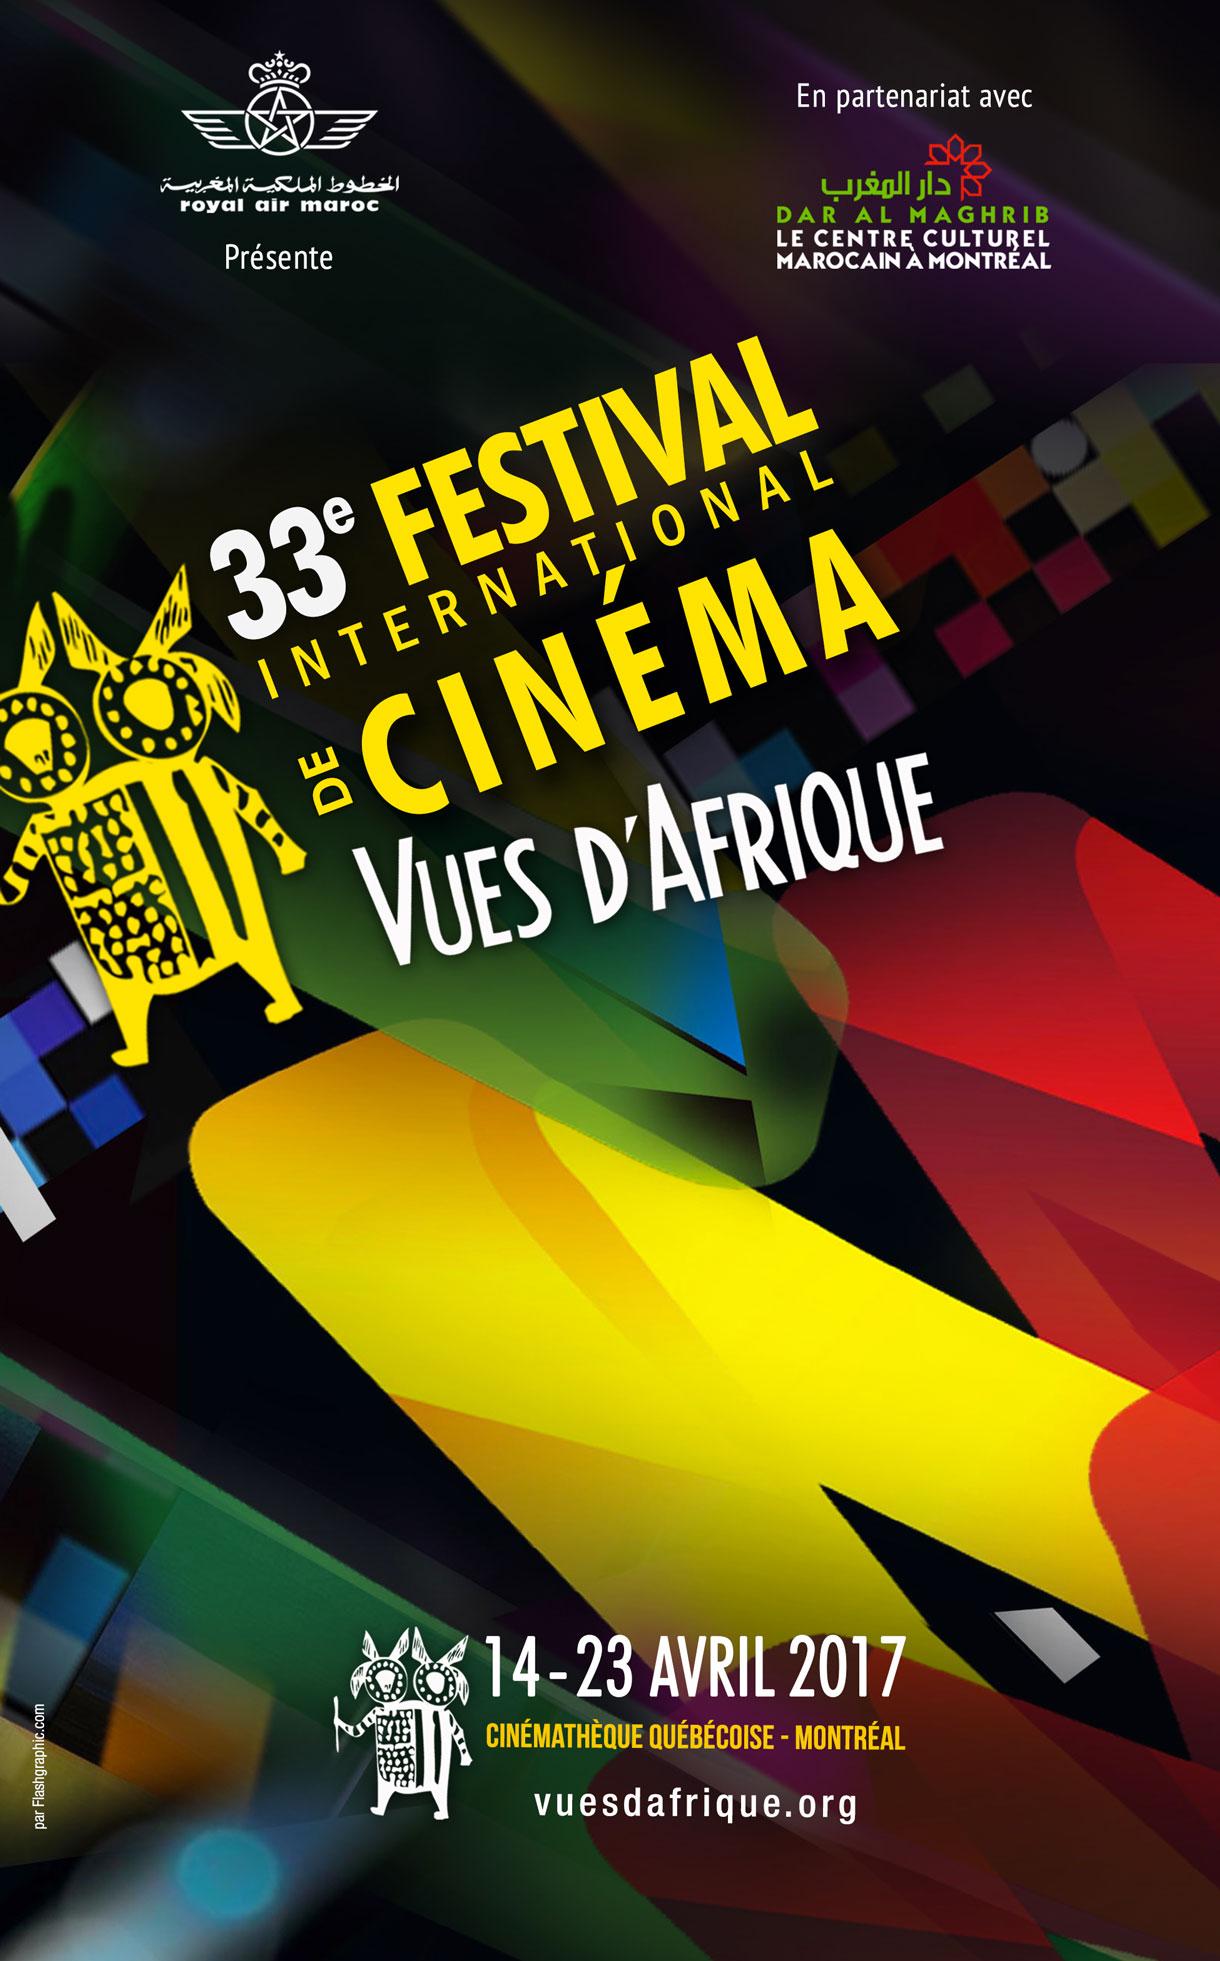 33e Festival international de cinéma Vues d'Afrique